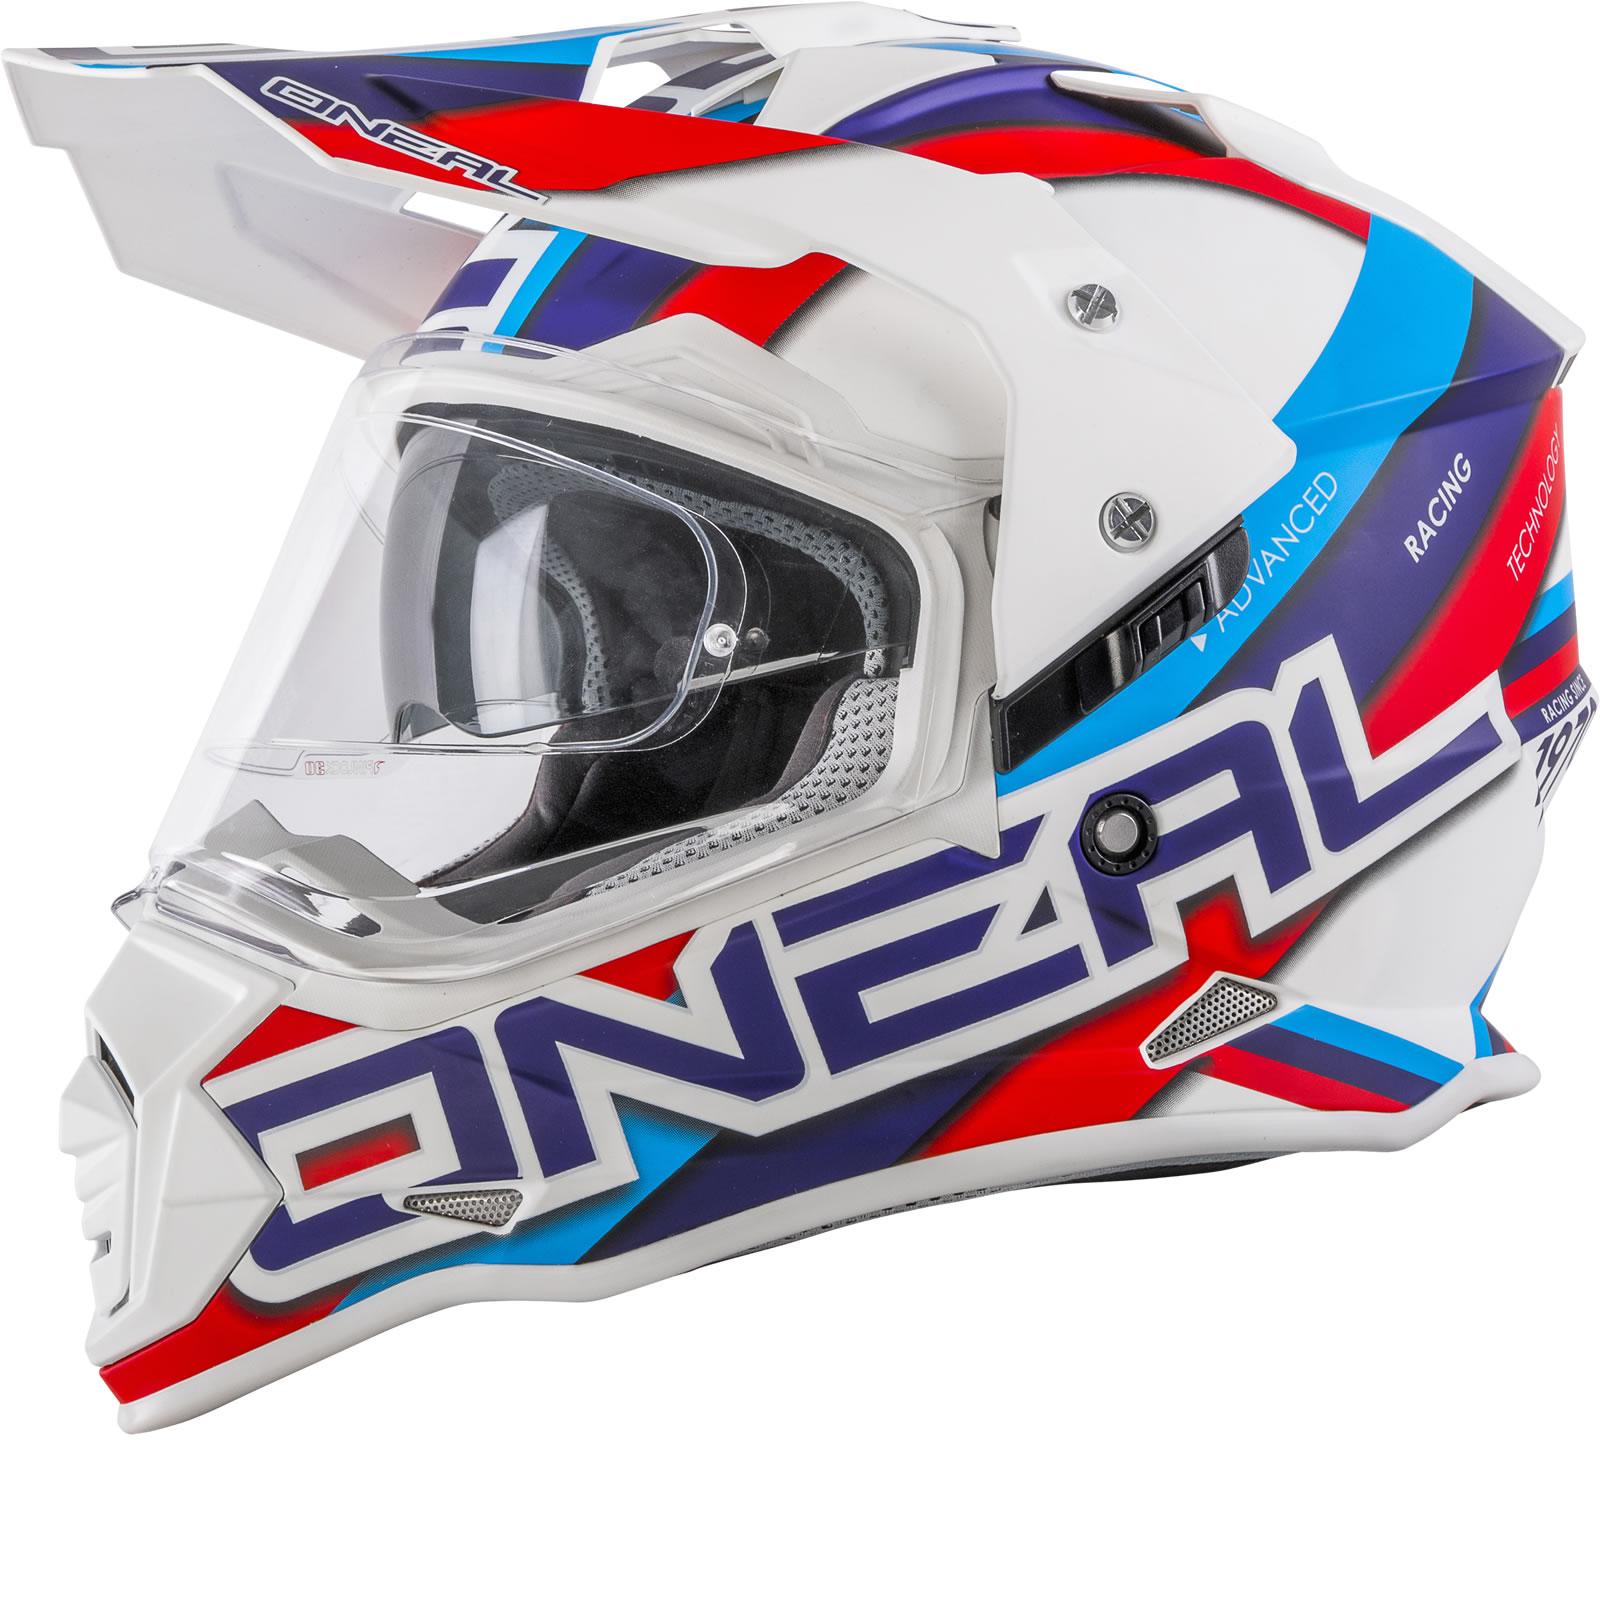 oneal sierra ii circuit dual sport helmet helmets. Black Bedroom Furniture Sets. Home Design Ideas